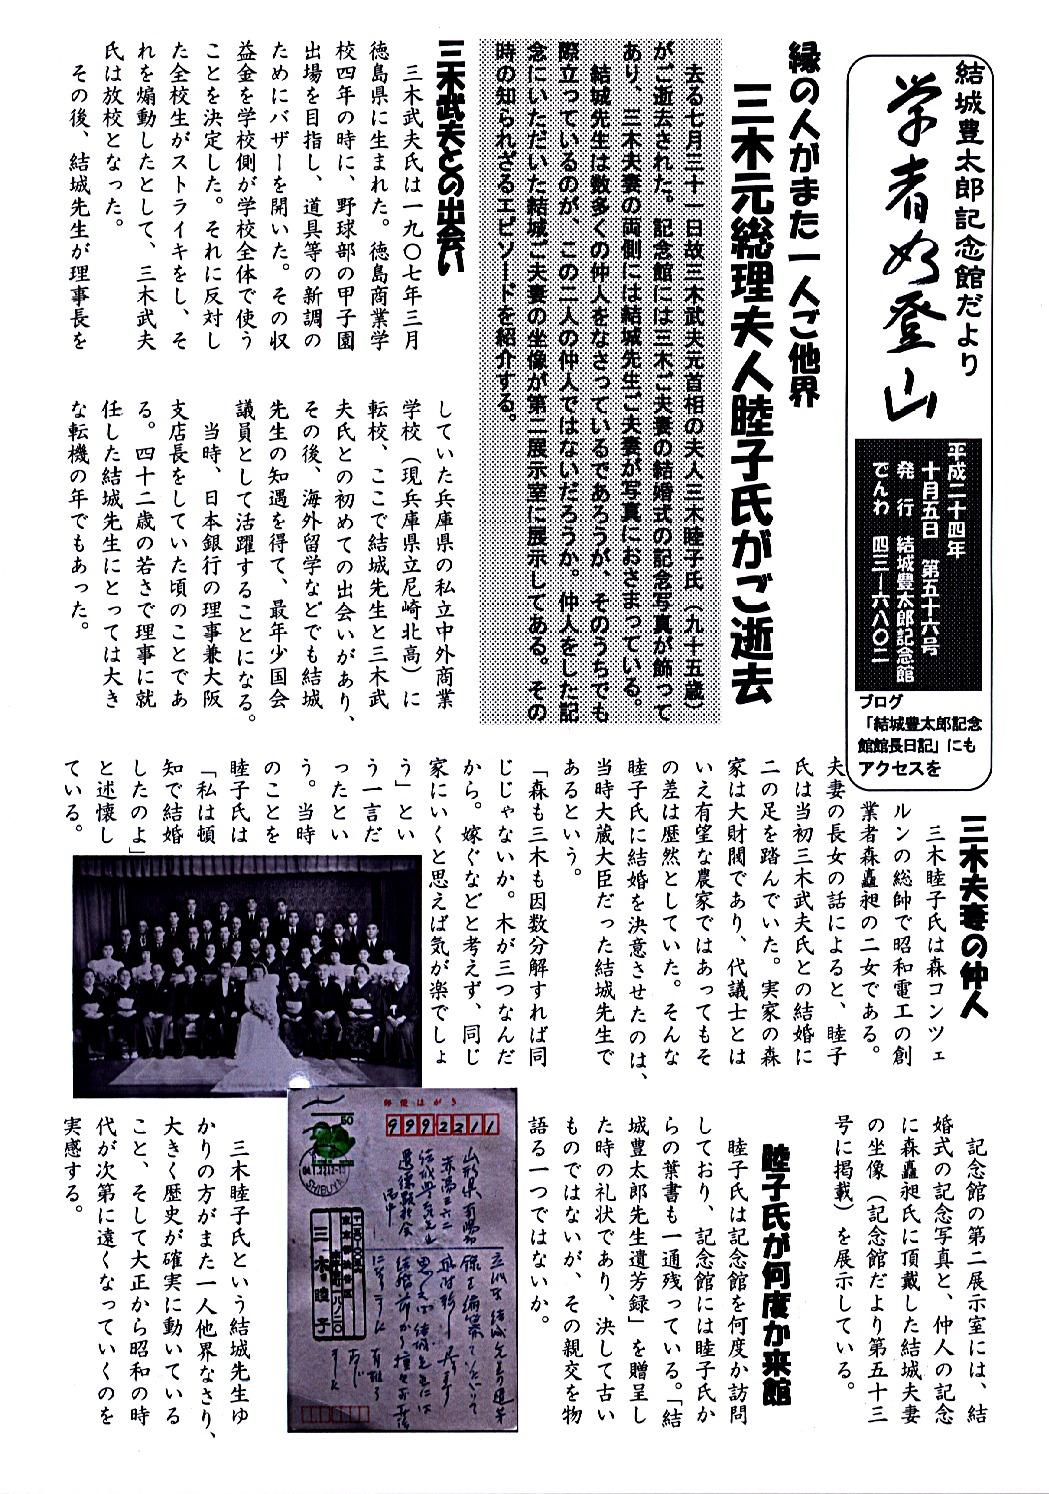 記念館だより56号「三木武夫元総理夫人ご逝去」